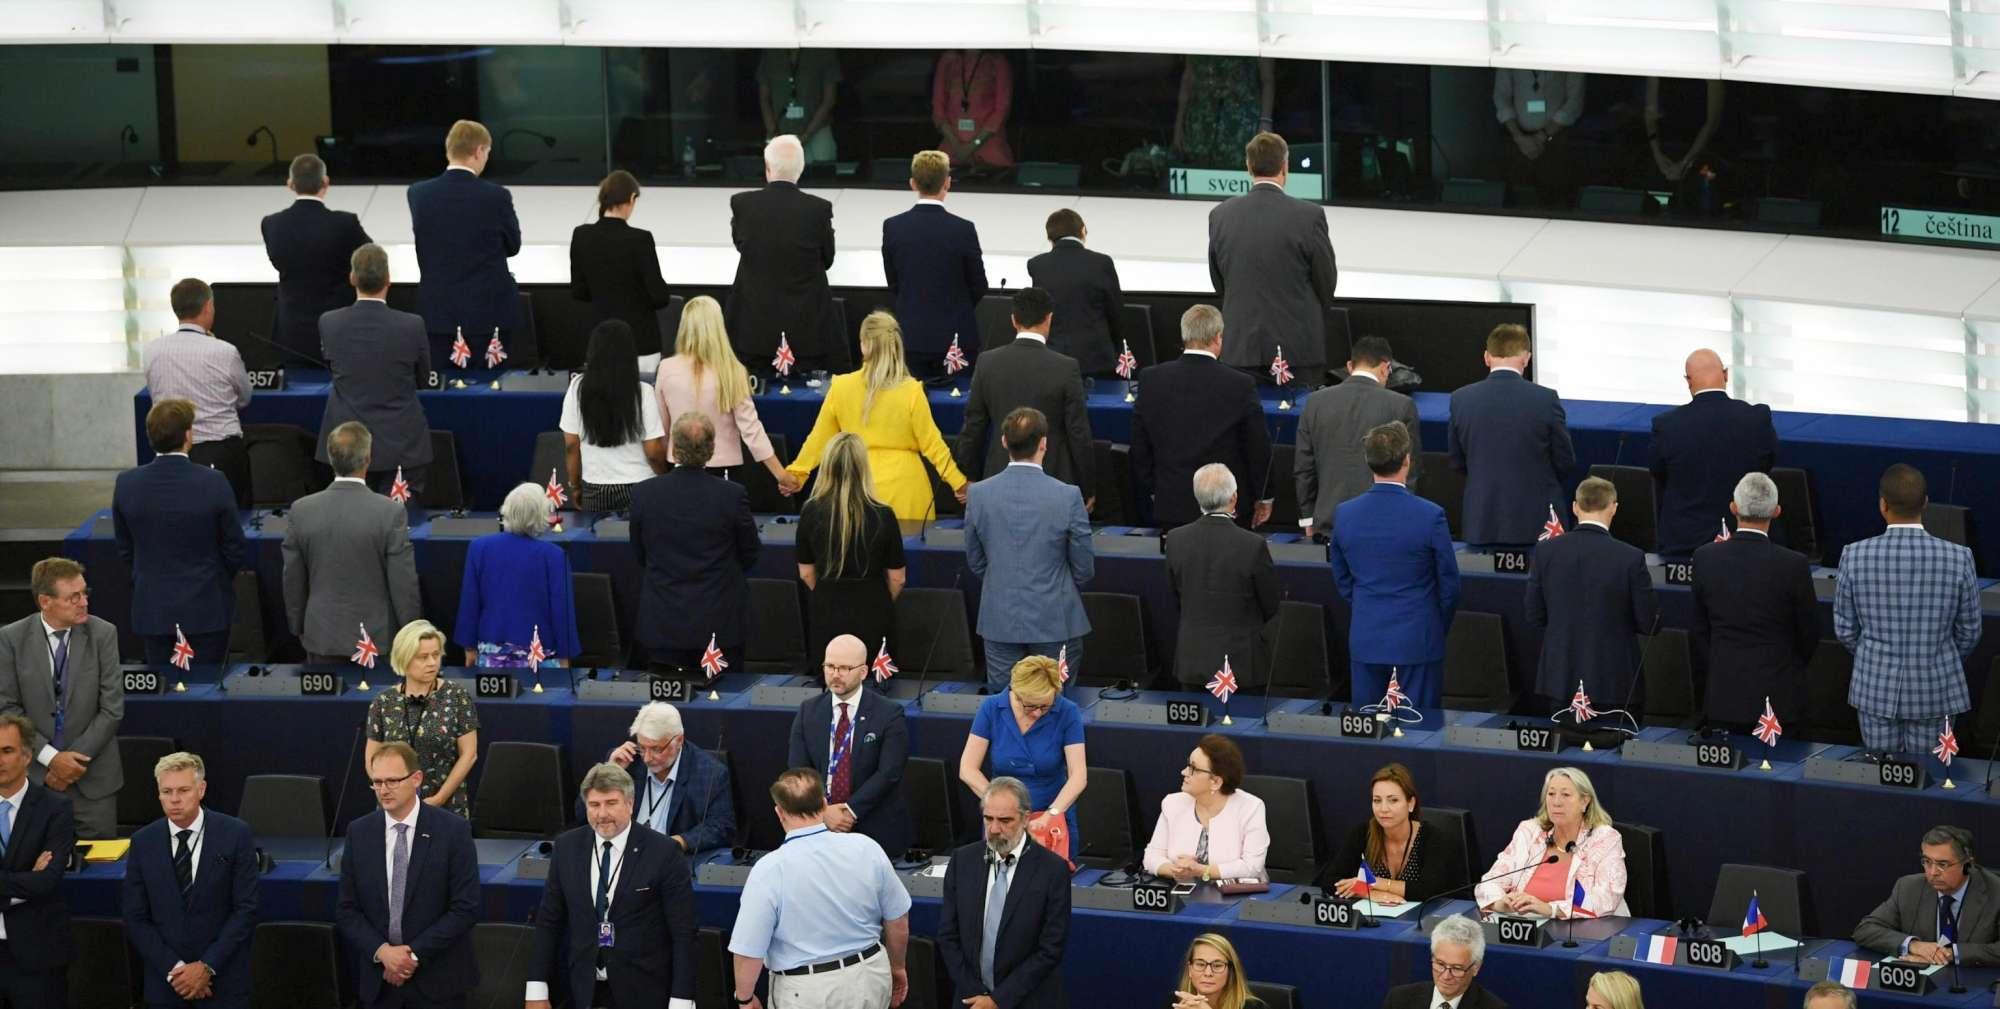 Strasburgo, gli eurodeputati del Brexit Party voltano le spalle all'inno Ue